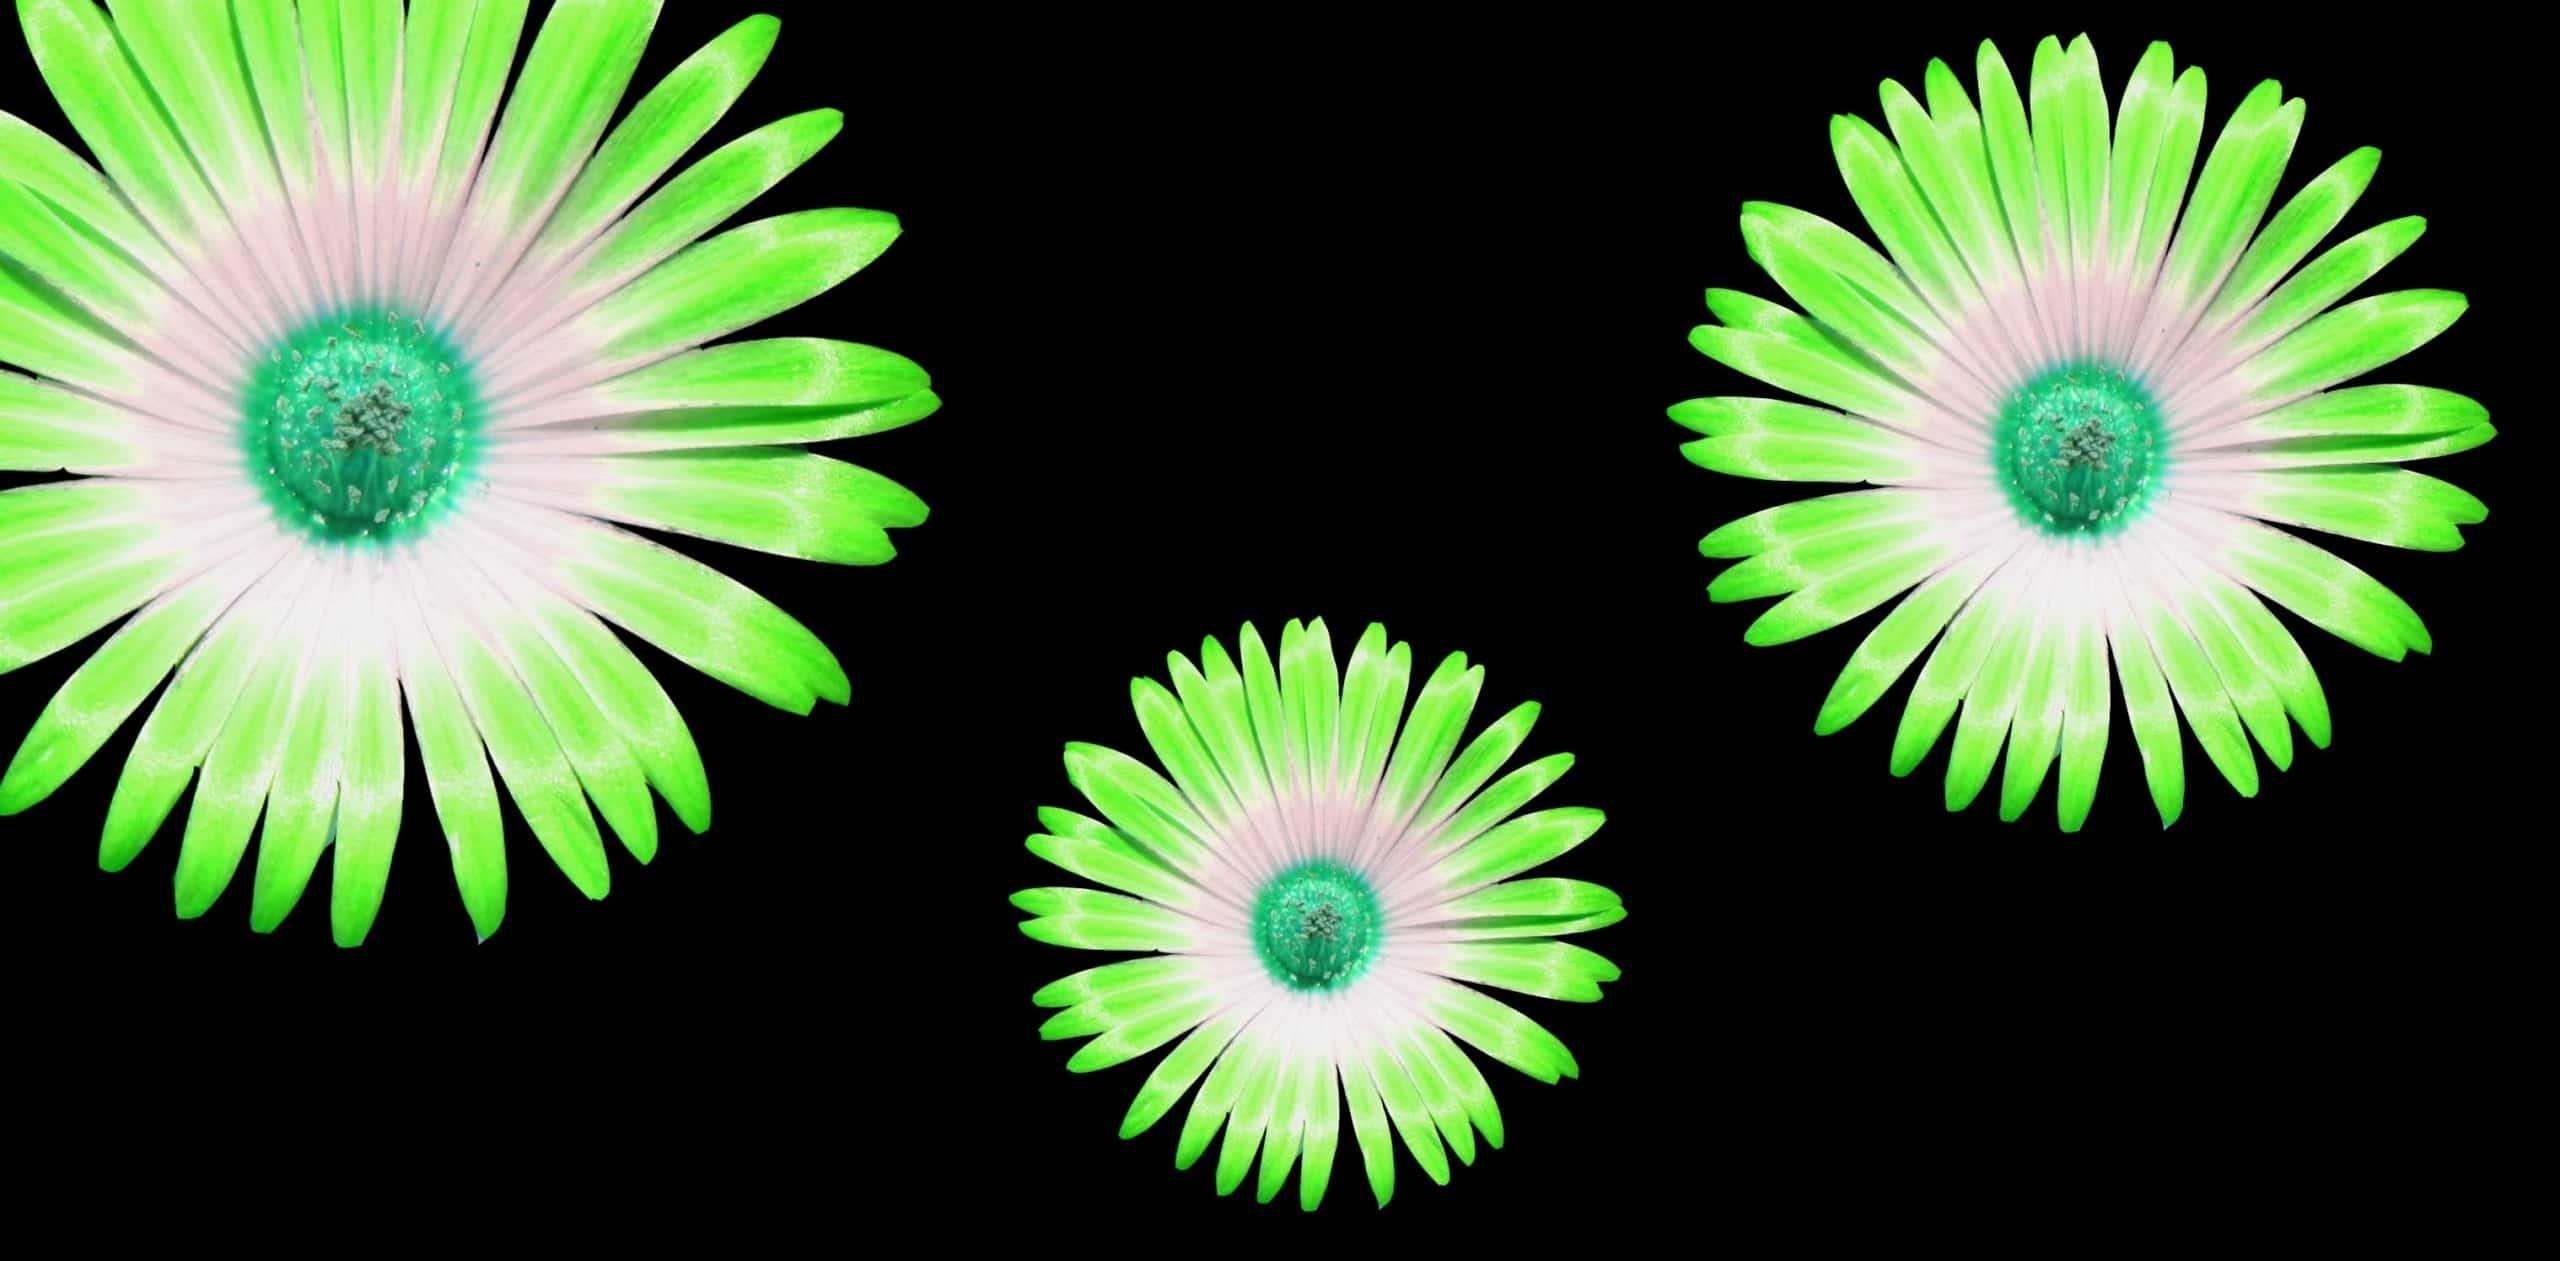 green flower final